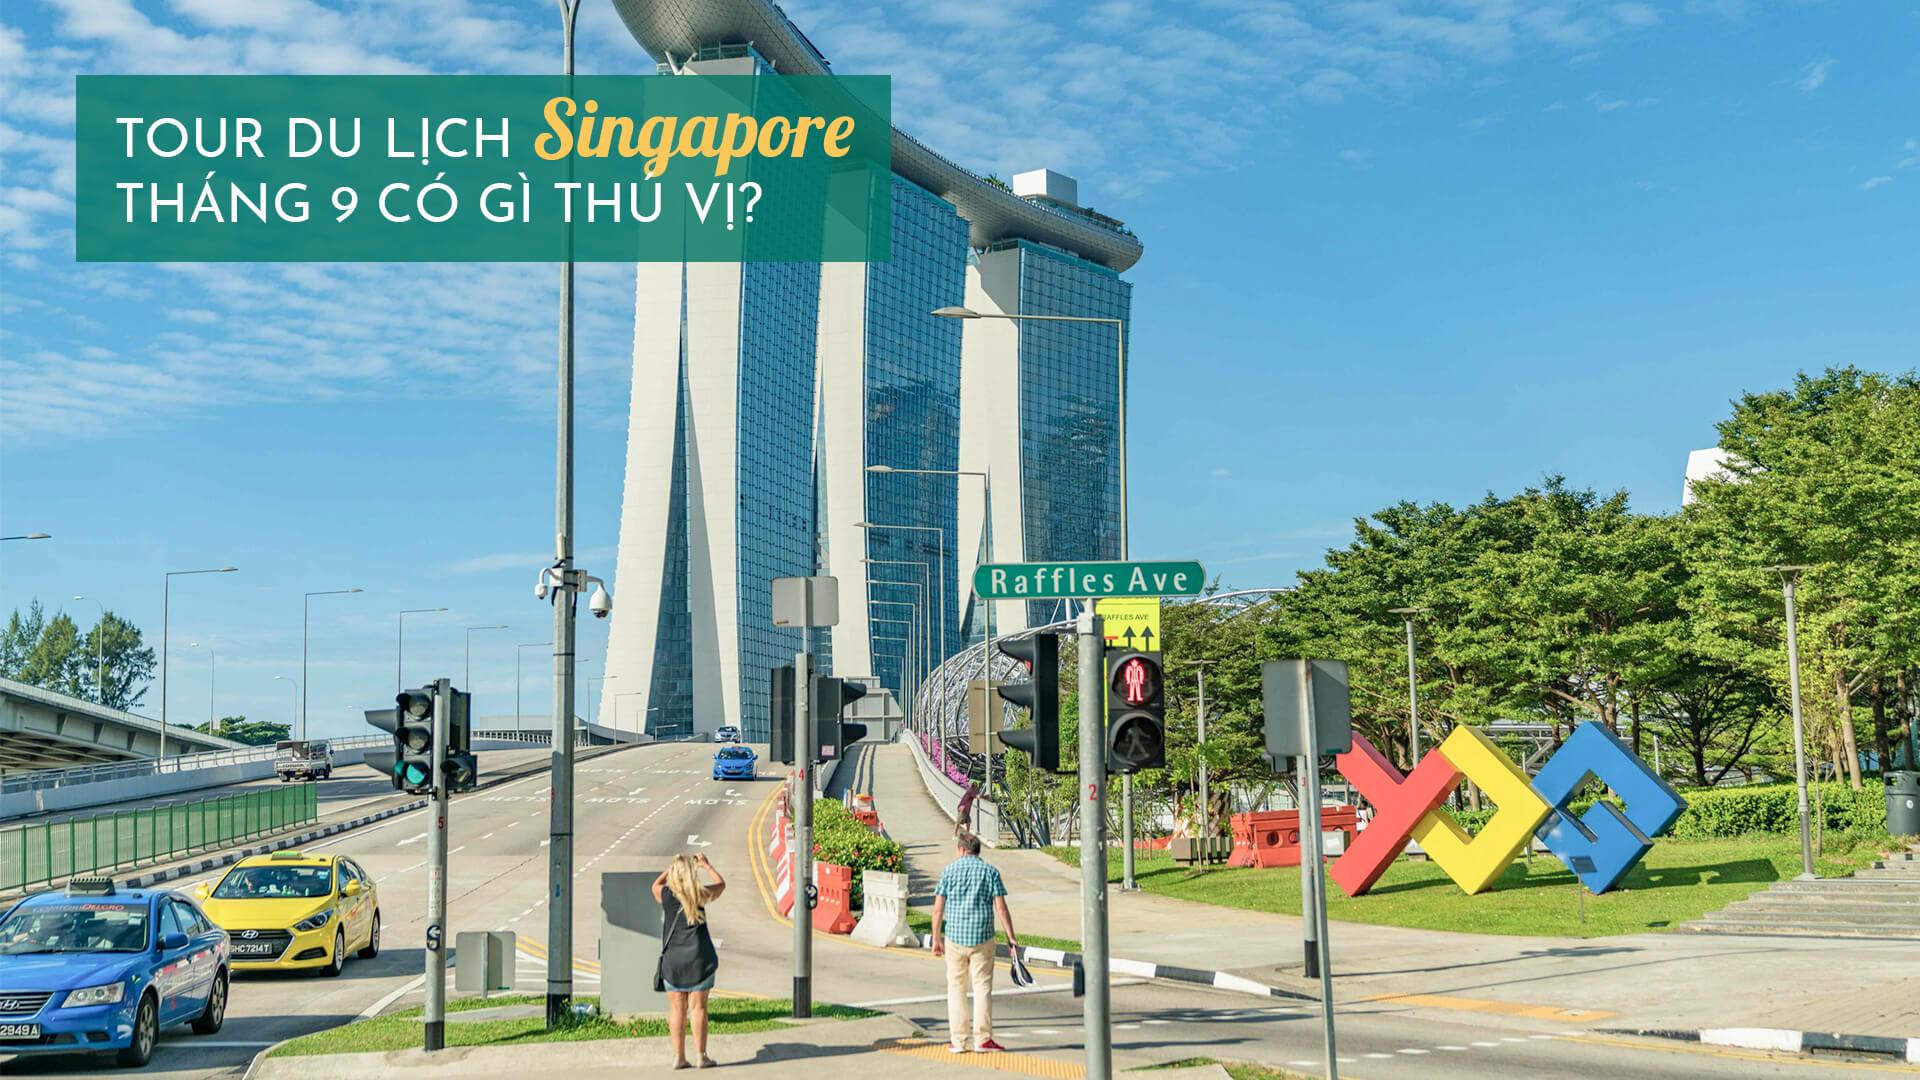 Tour du lịch Singapore tháng 9 có gì thú vị?